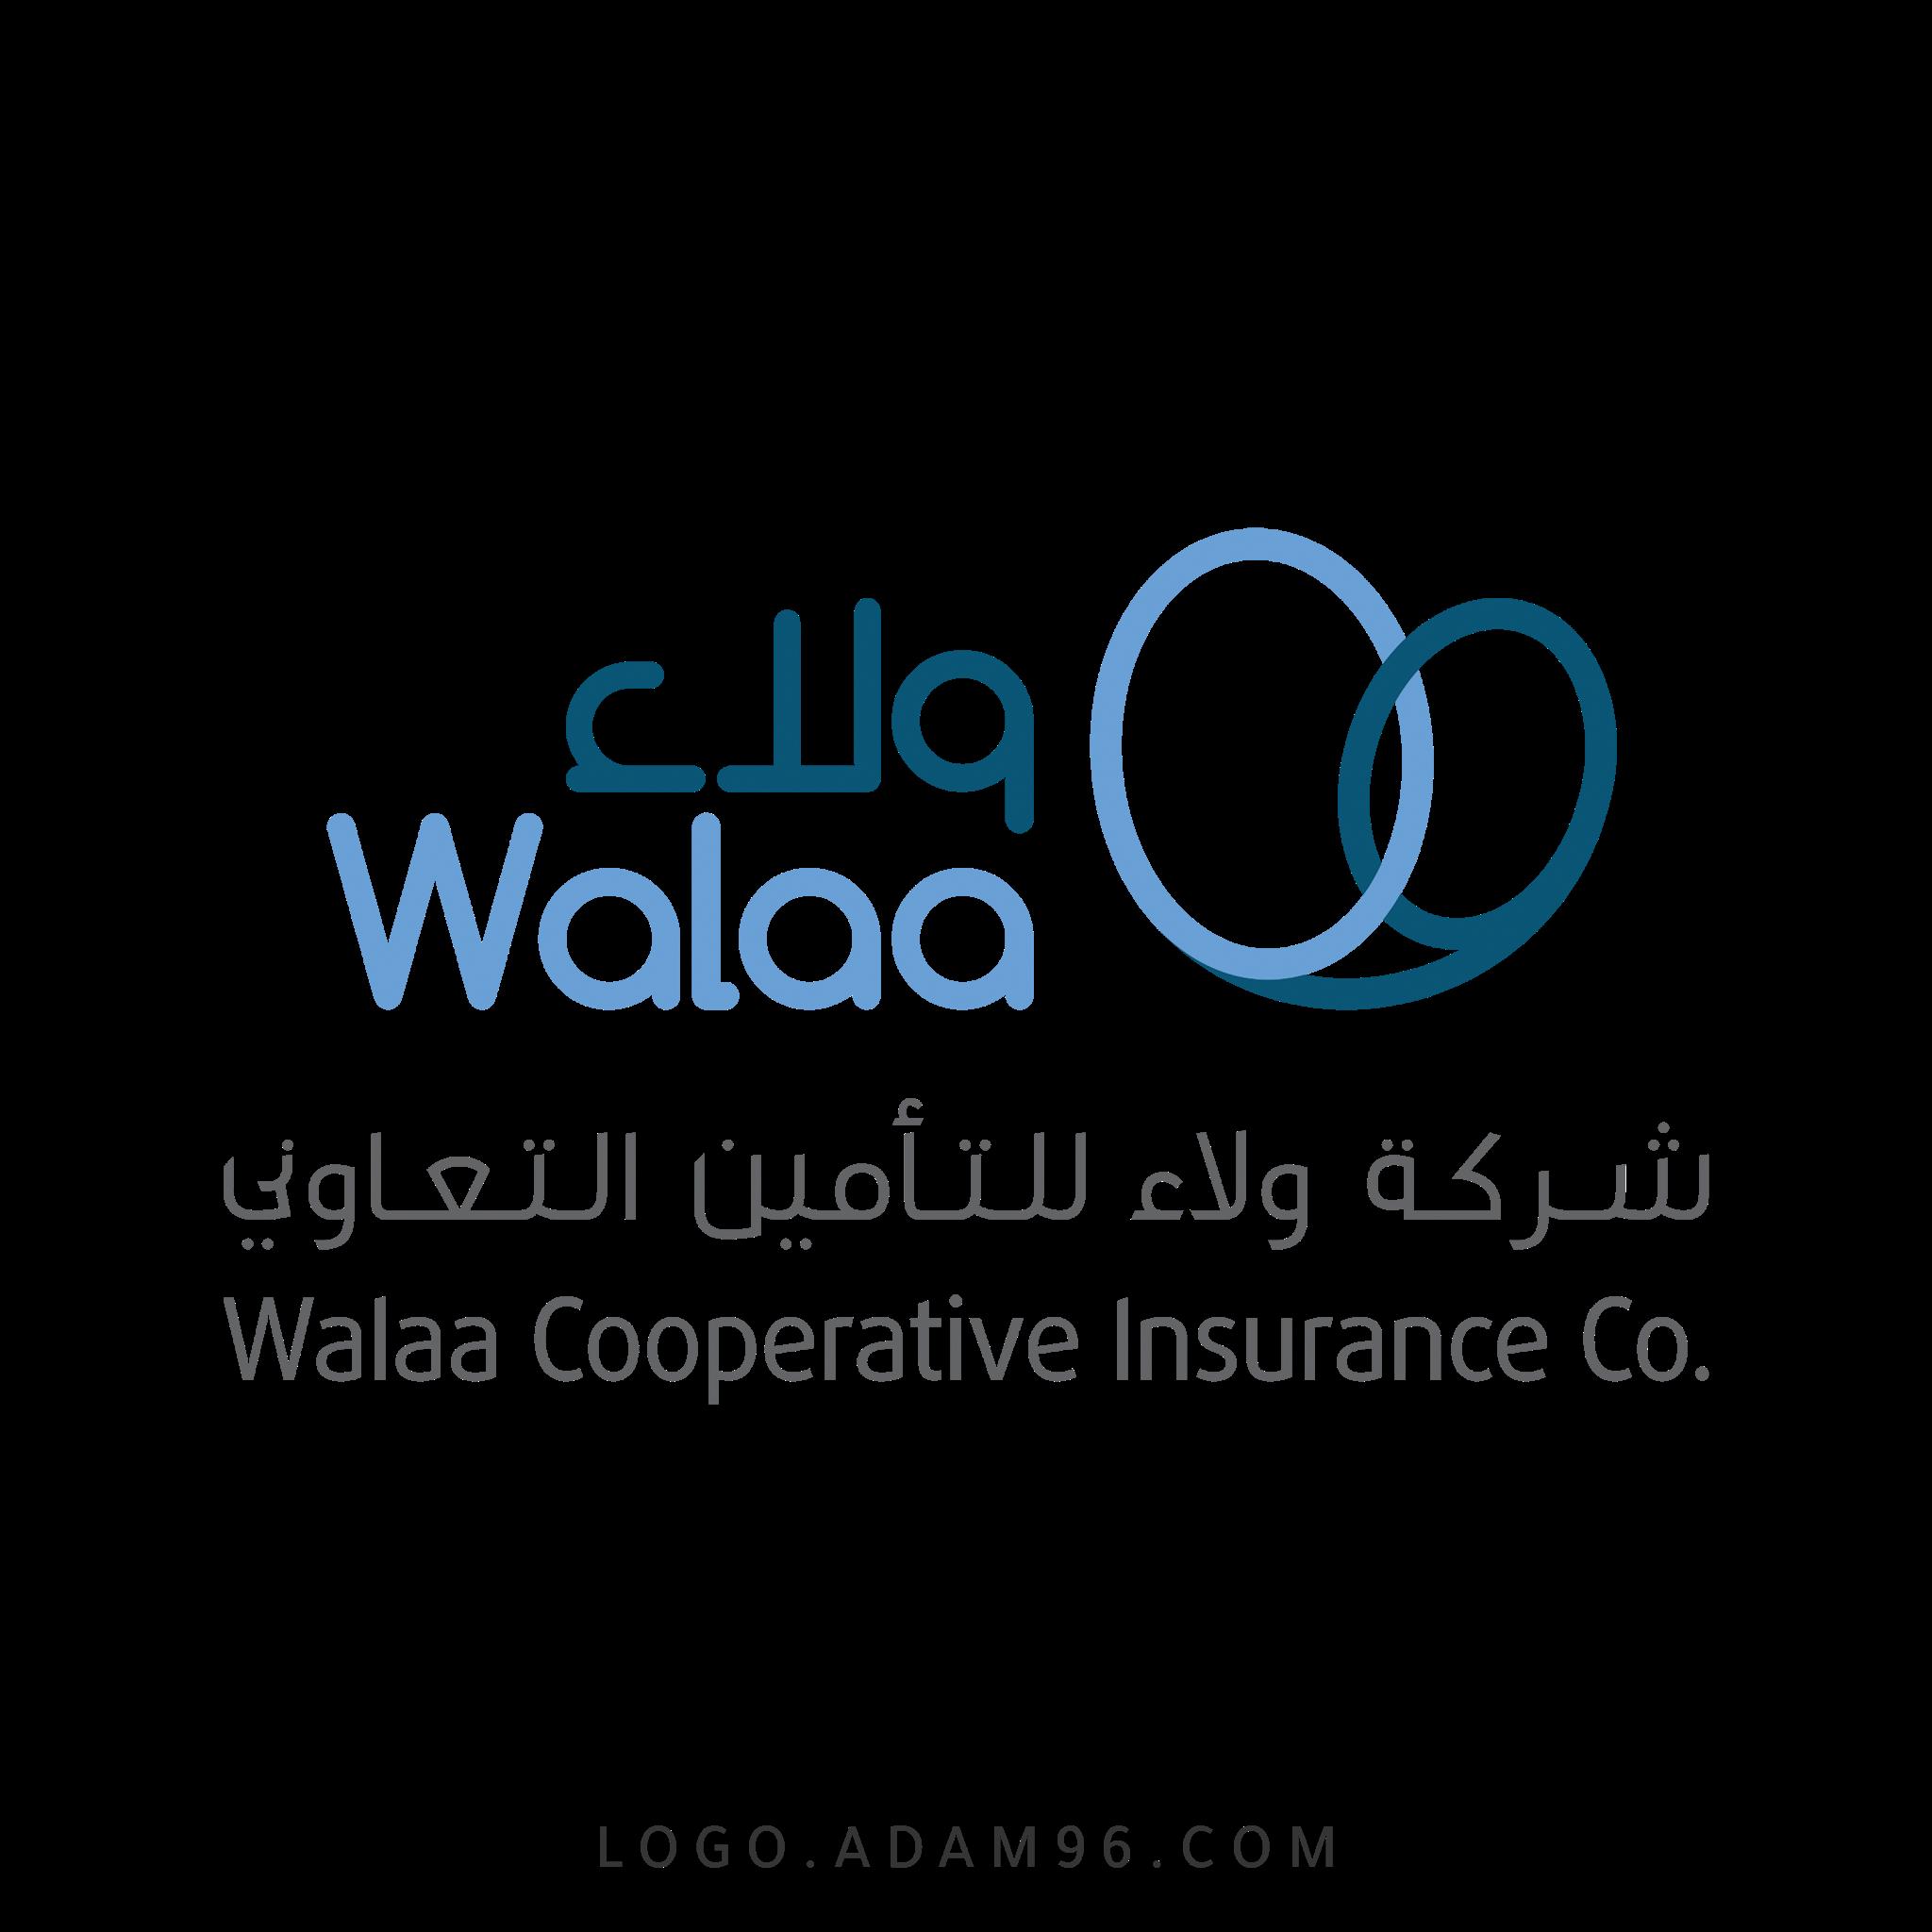 تحميل شعار شركة ولاء للتأمين التعاوني لوجو رسمي عالي الجودة PNG